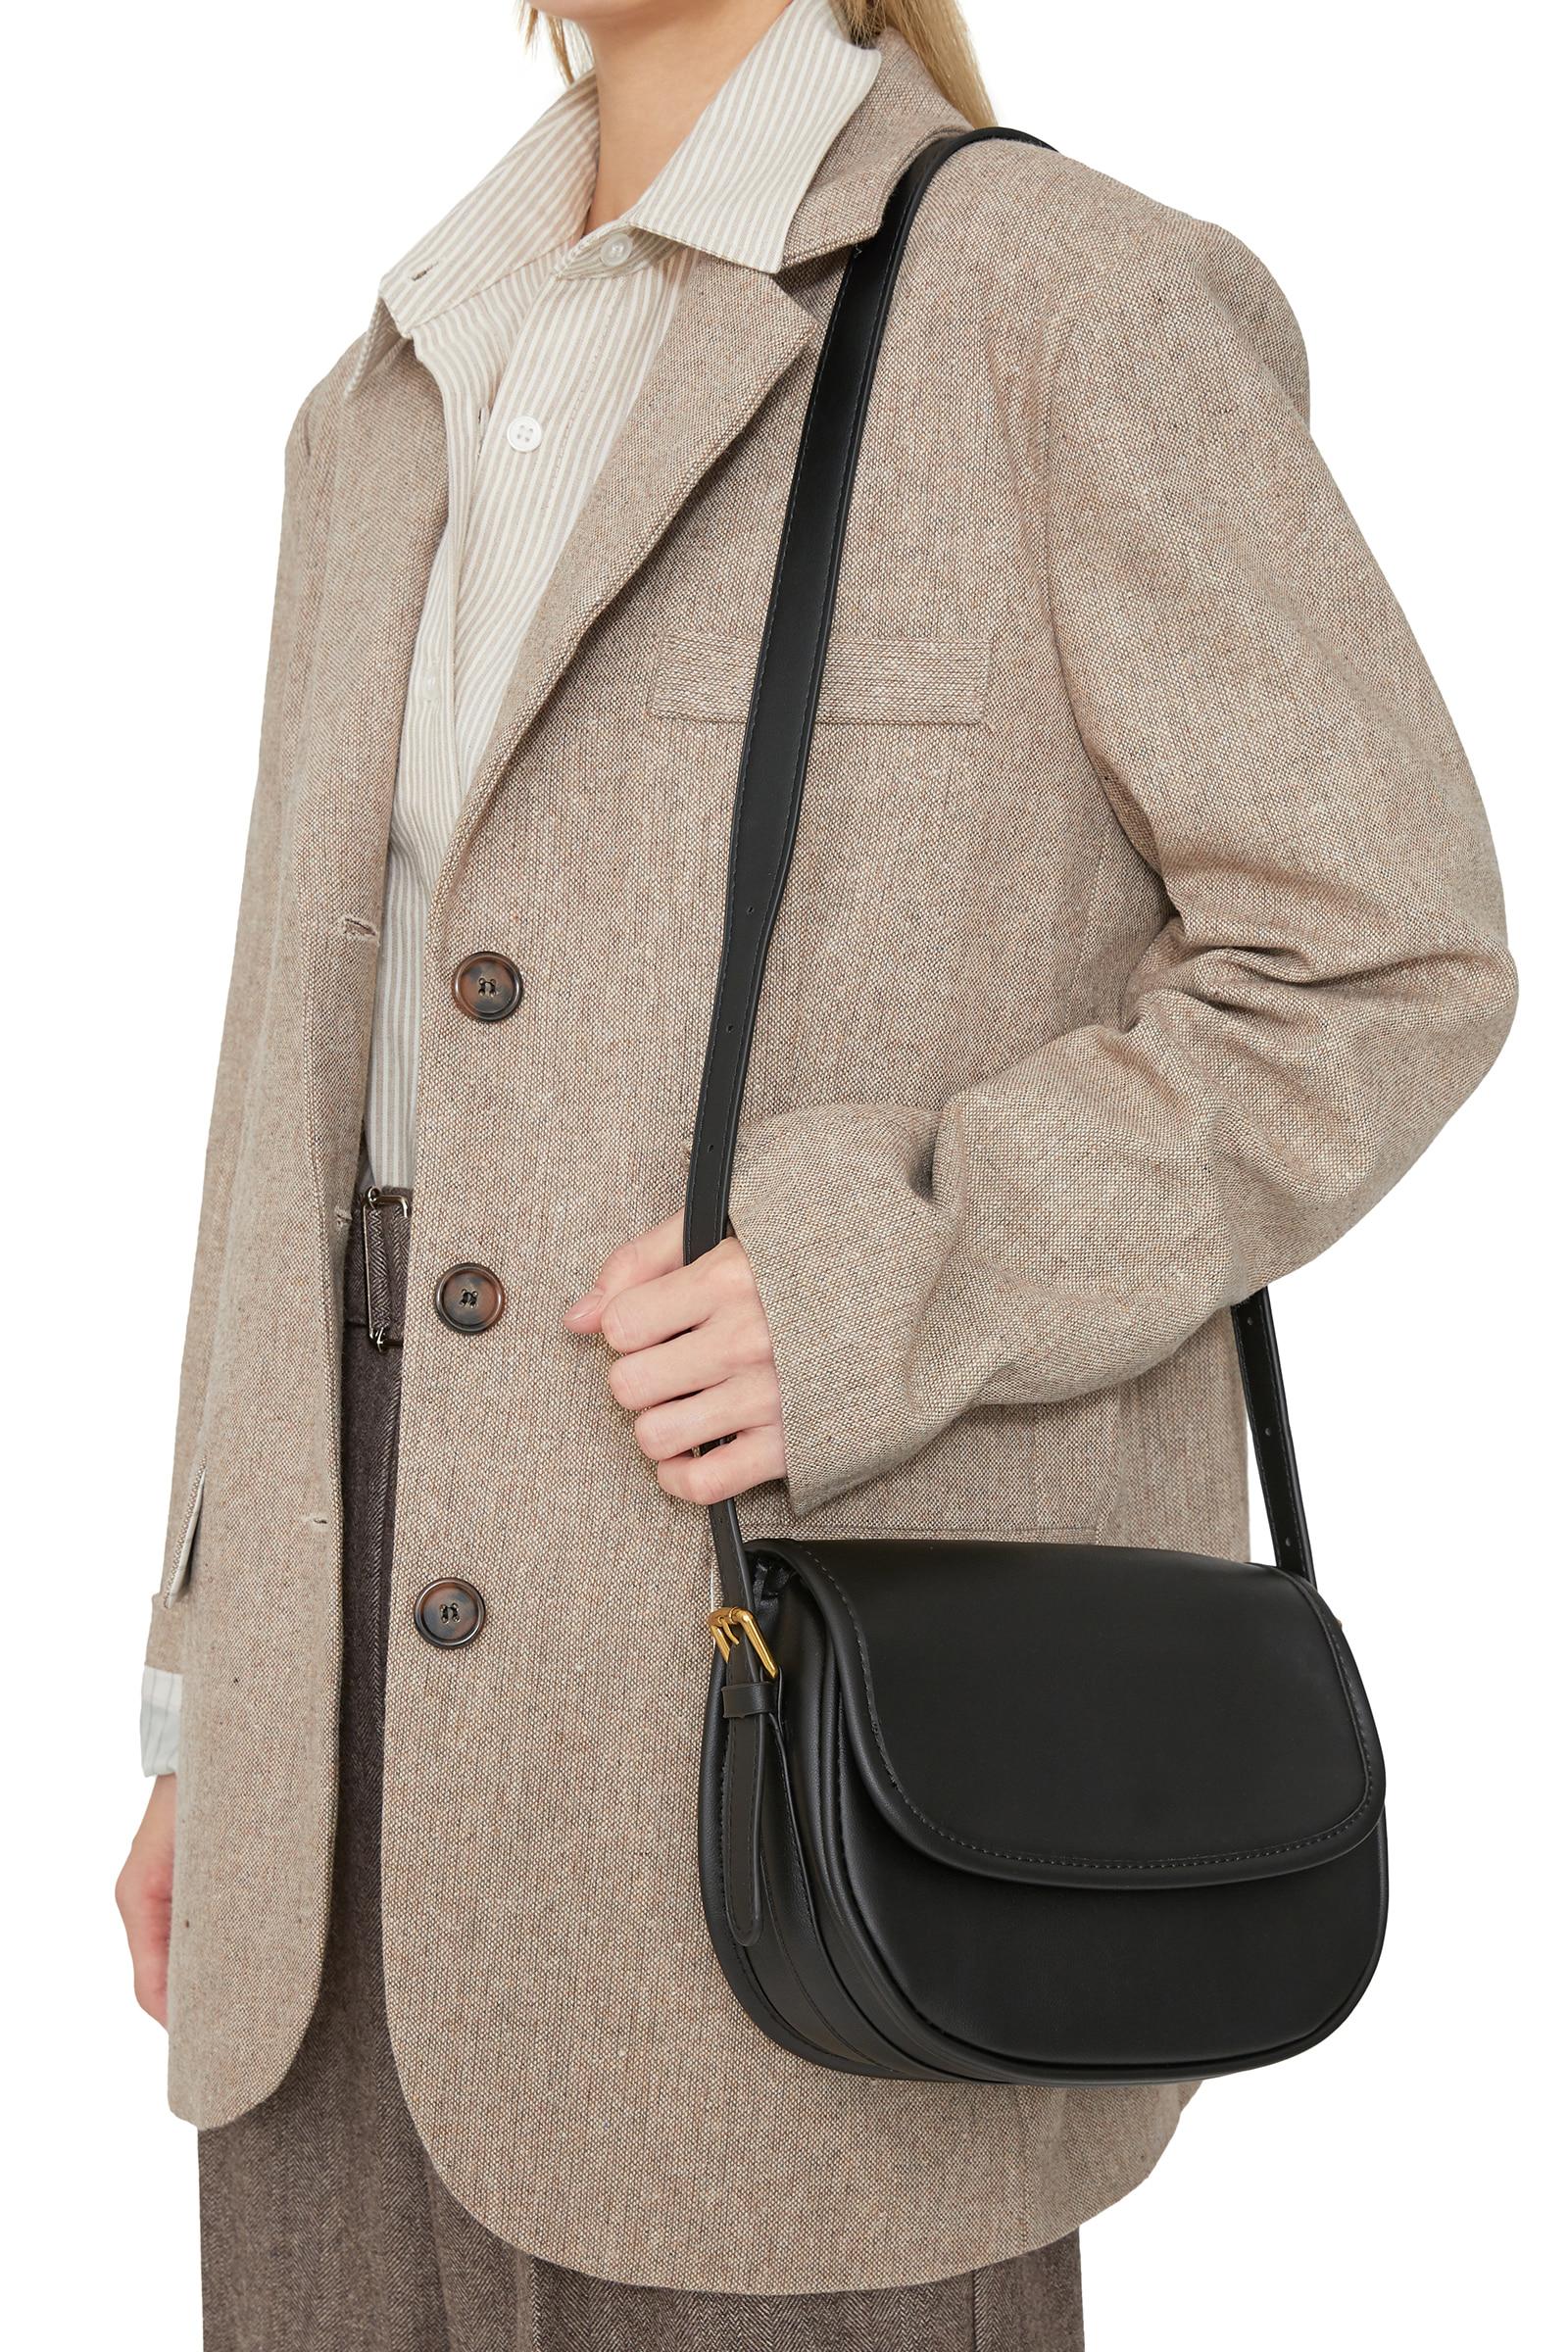 Bed rounded cover shoulder bag